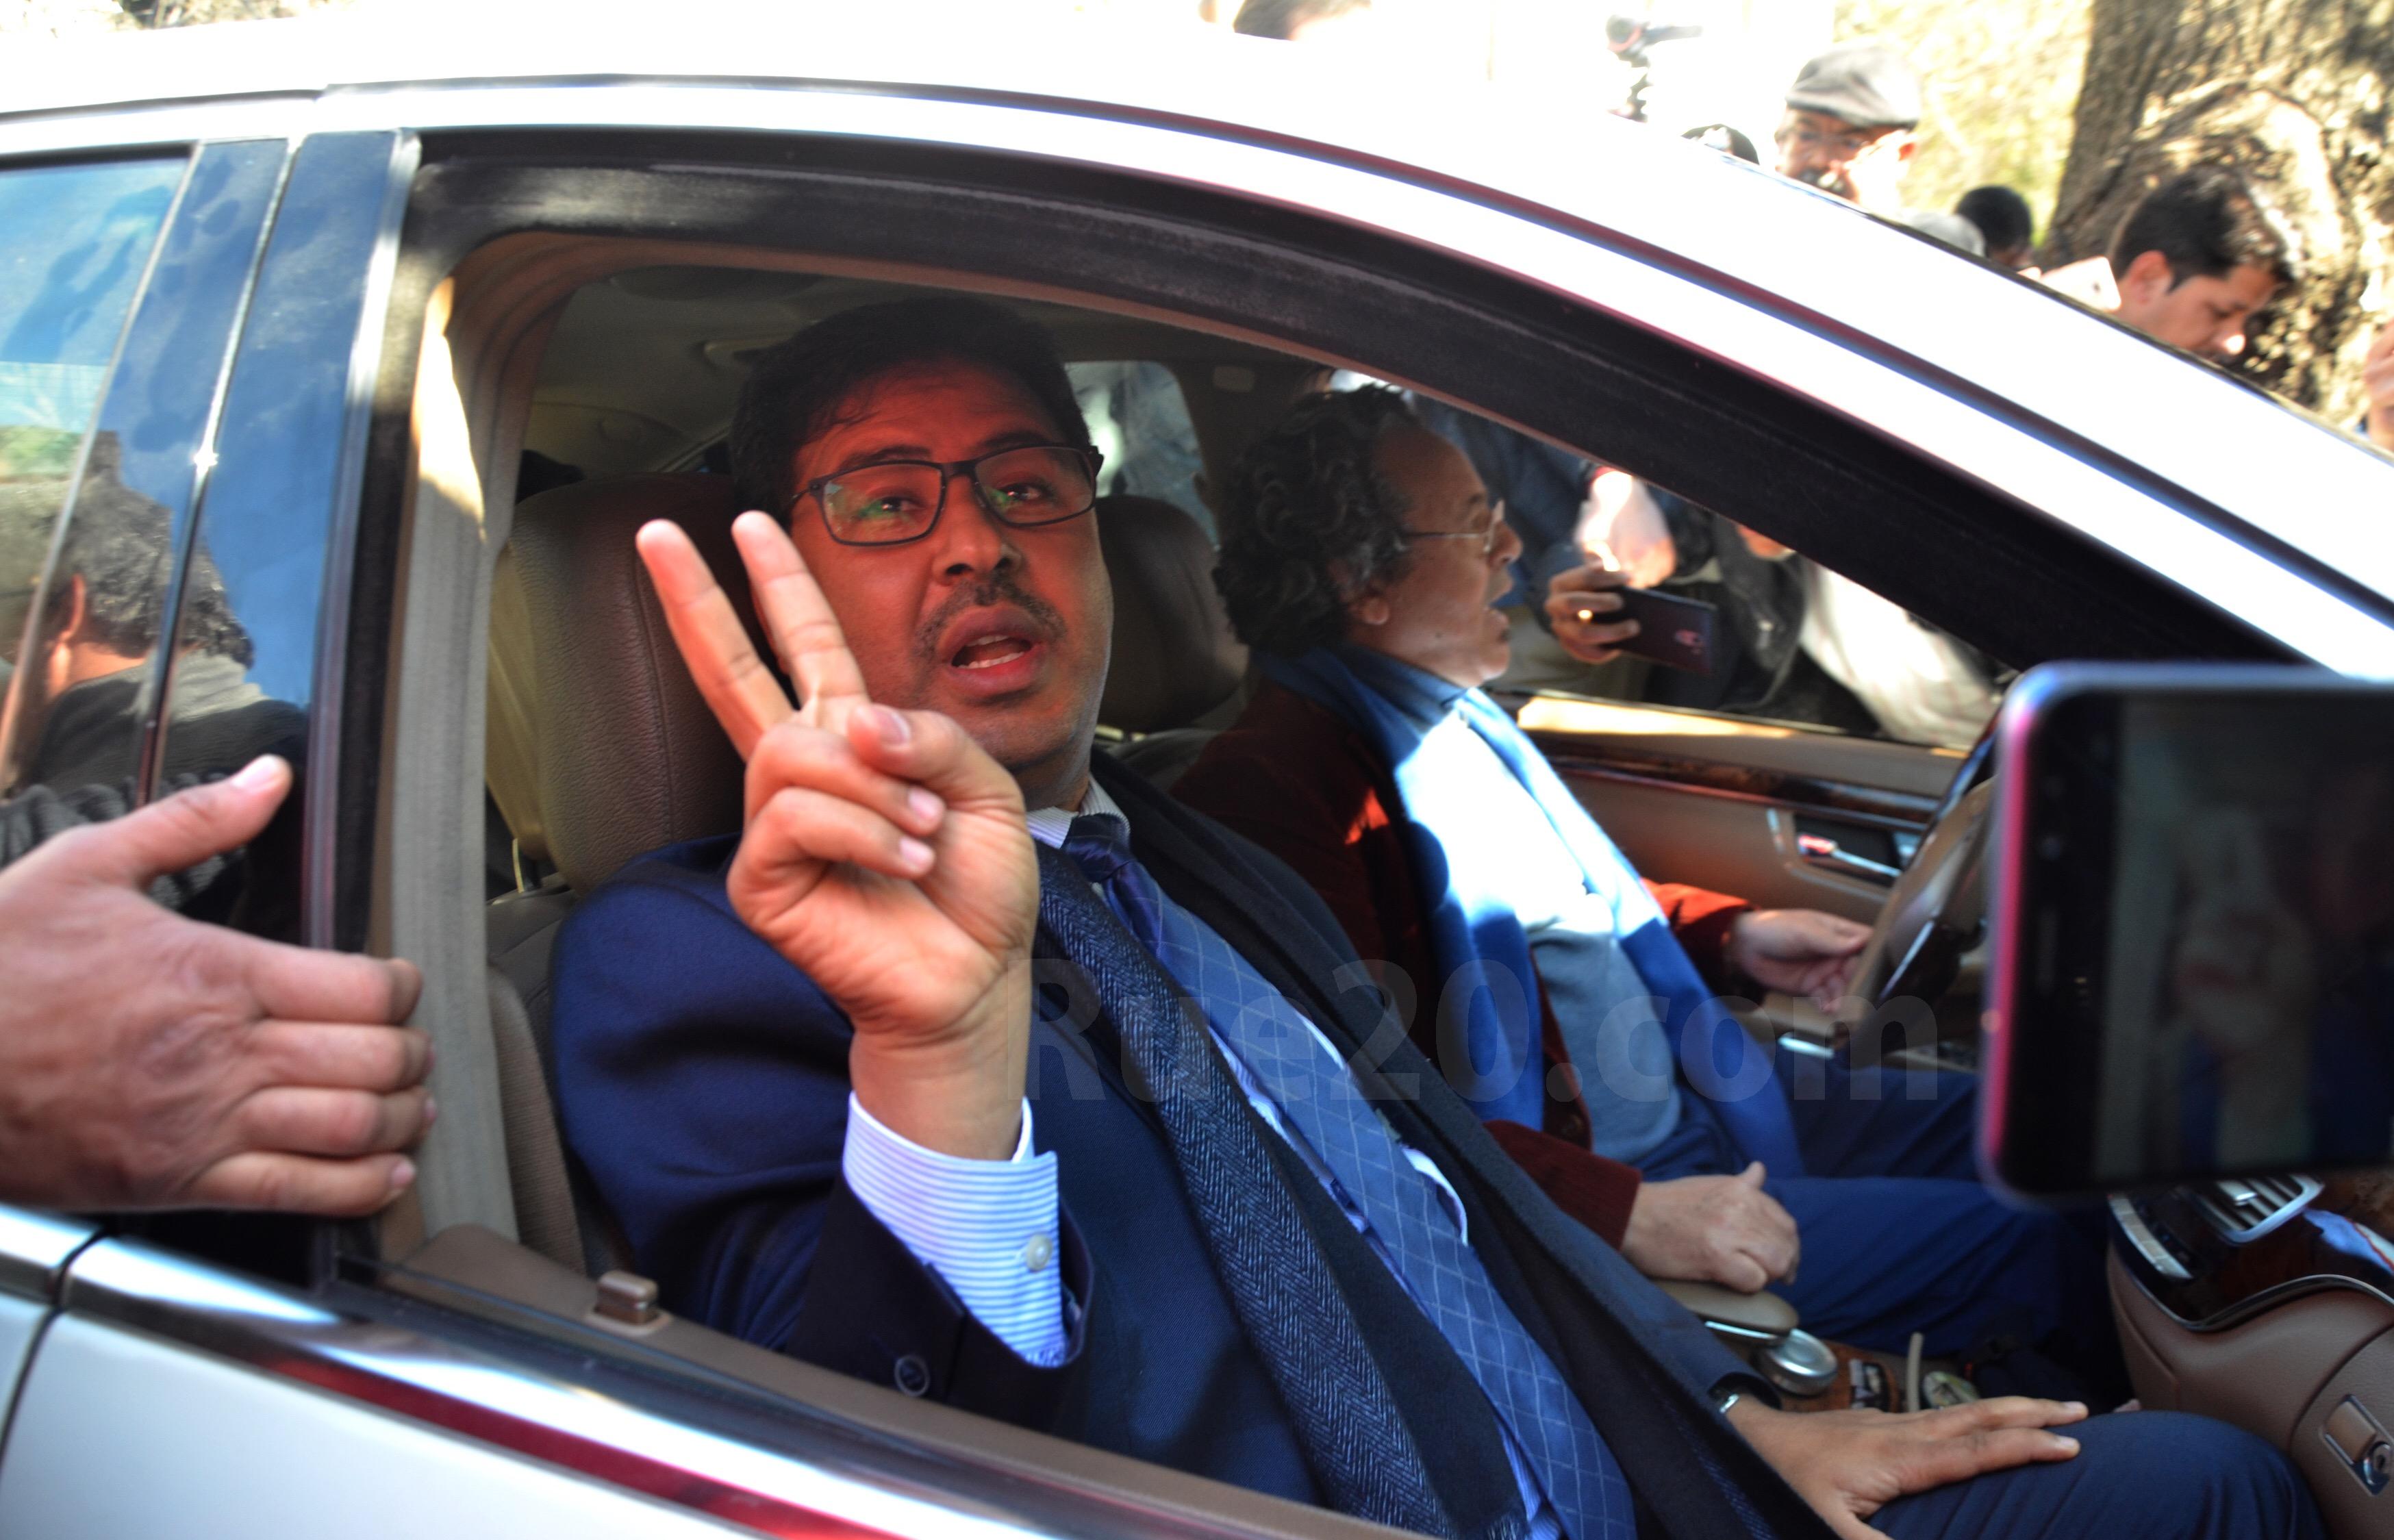 فيديو/حمي الدين يغادر المحكمة على وقع شعارات 'القتلة المجرمون'